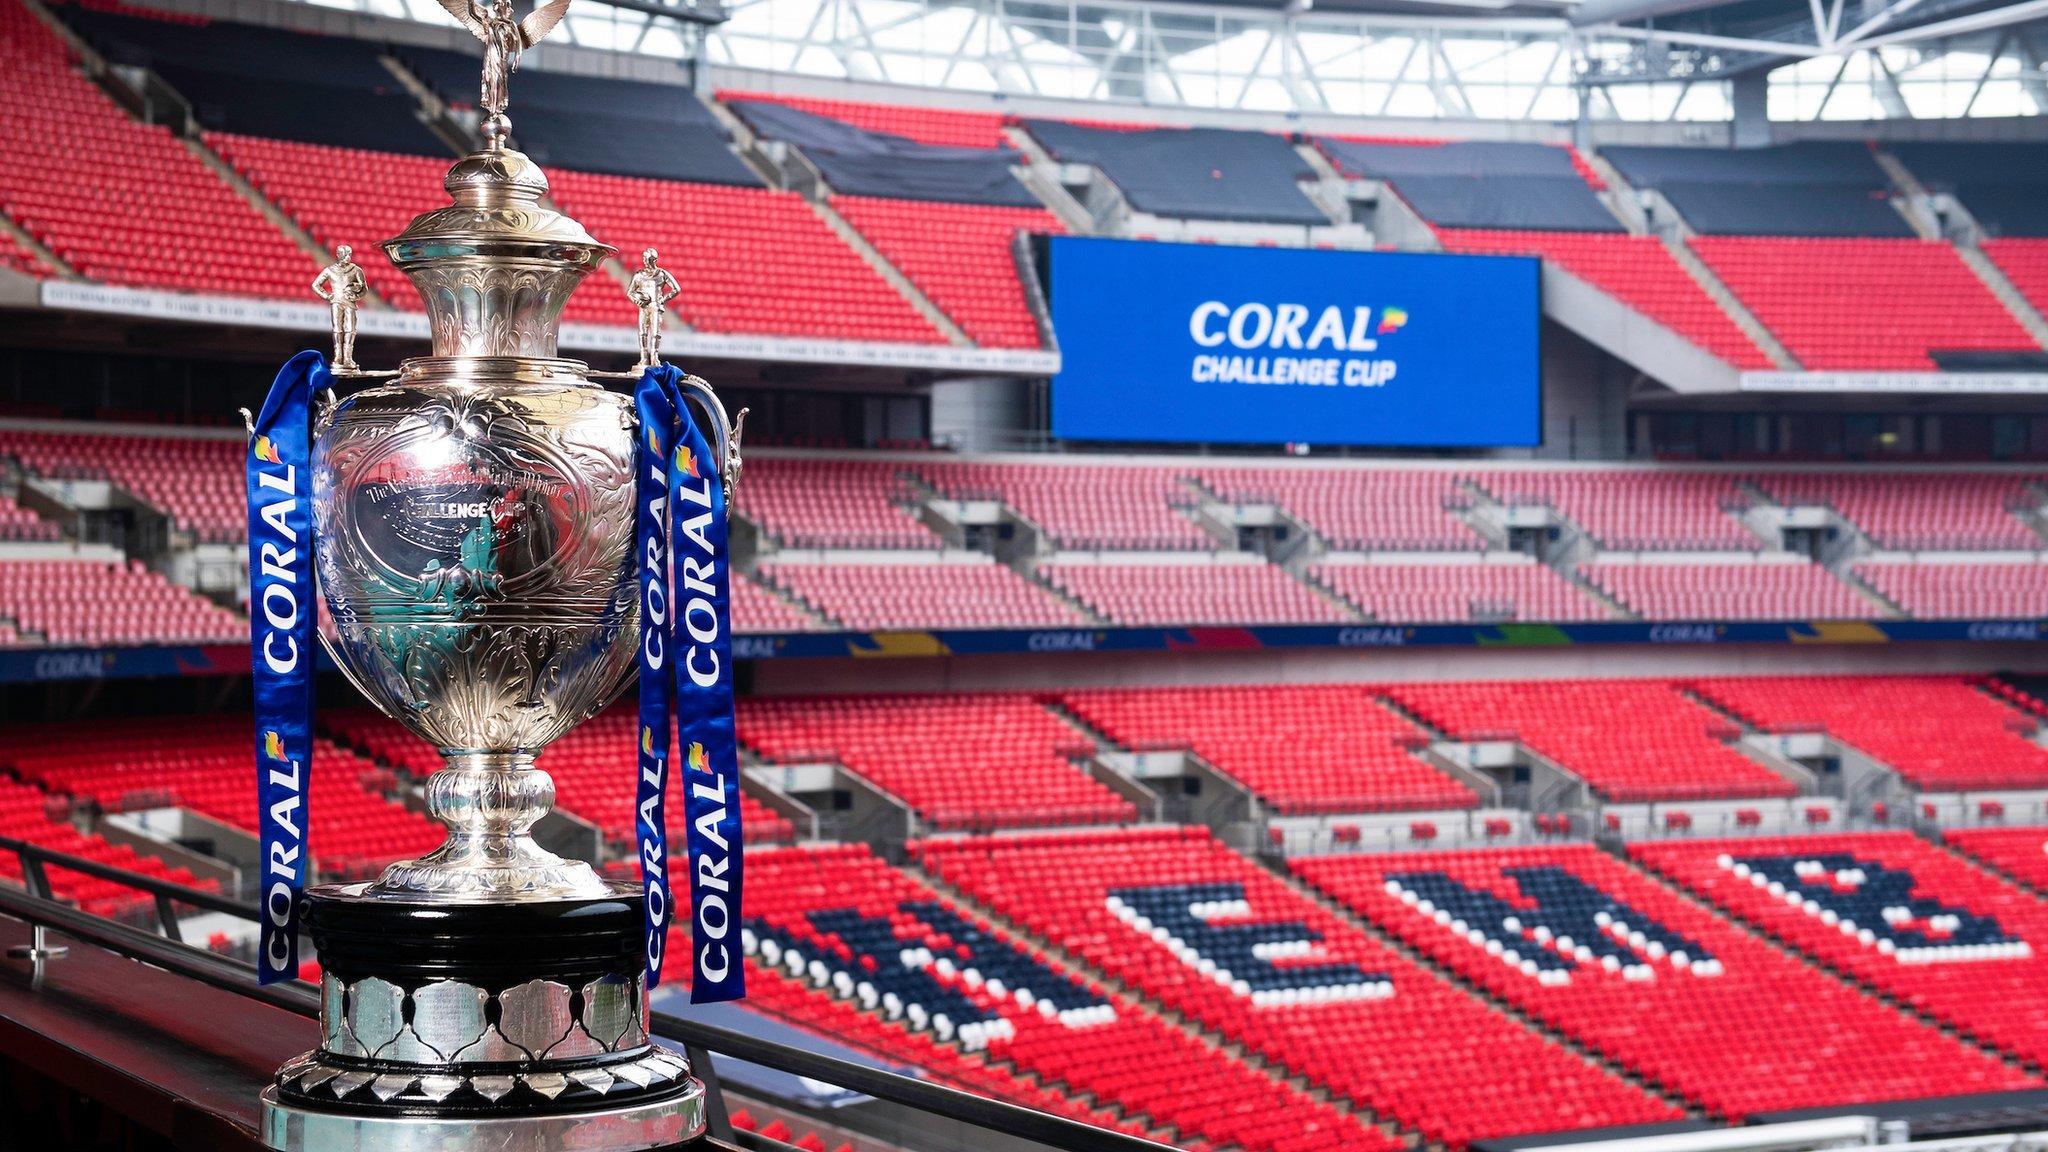 Challenge Cup: BBC to show Thatto Heath v Rochdale Mayfield third-round tie